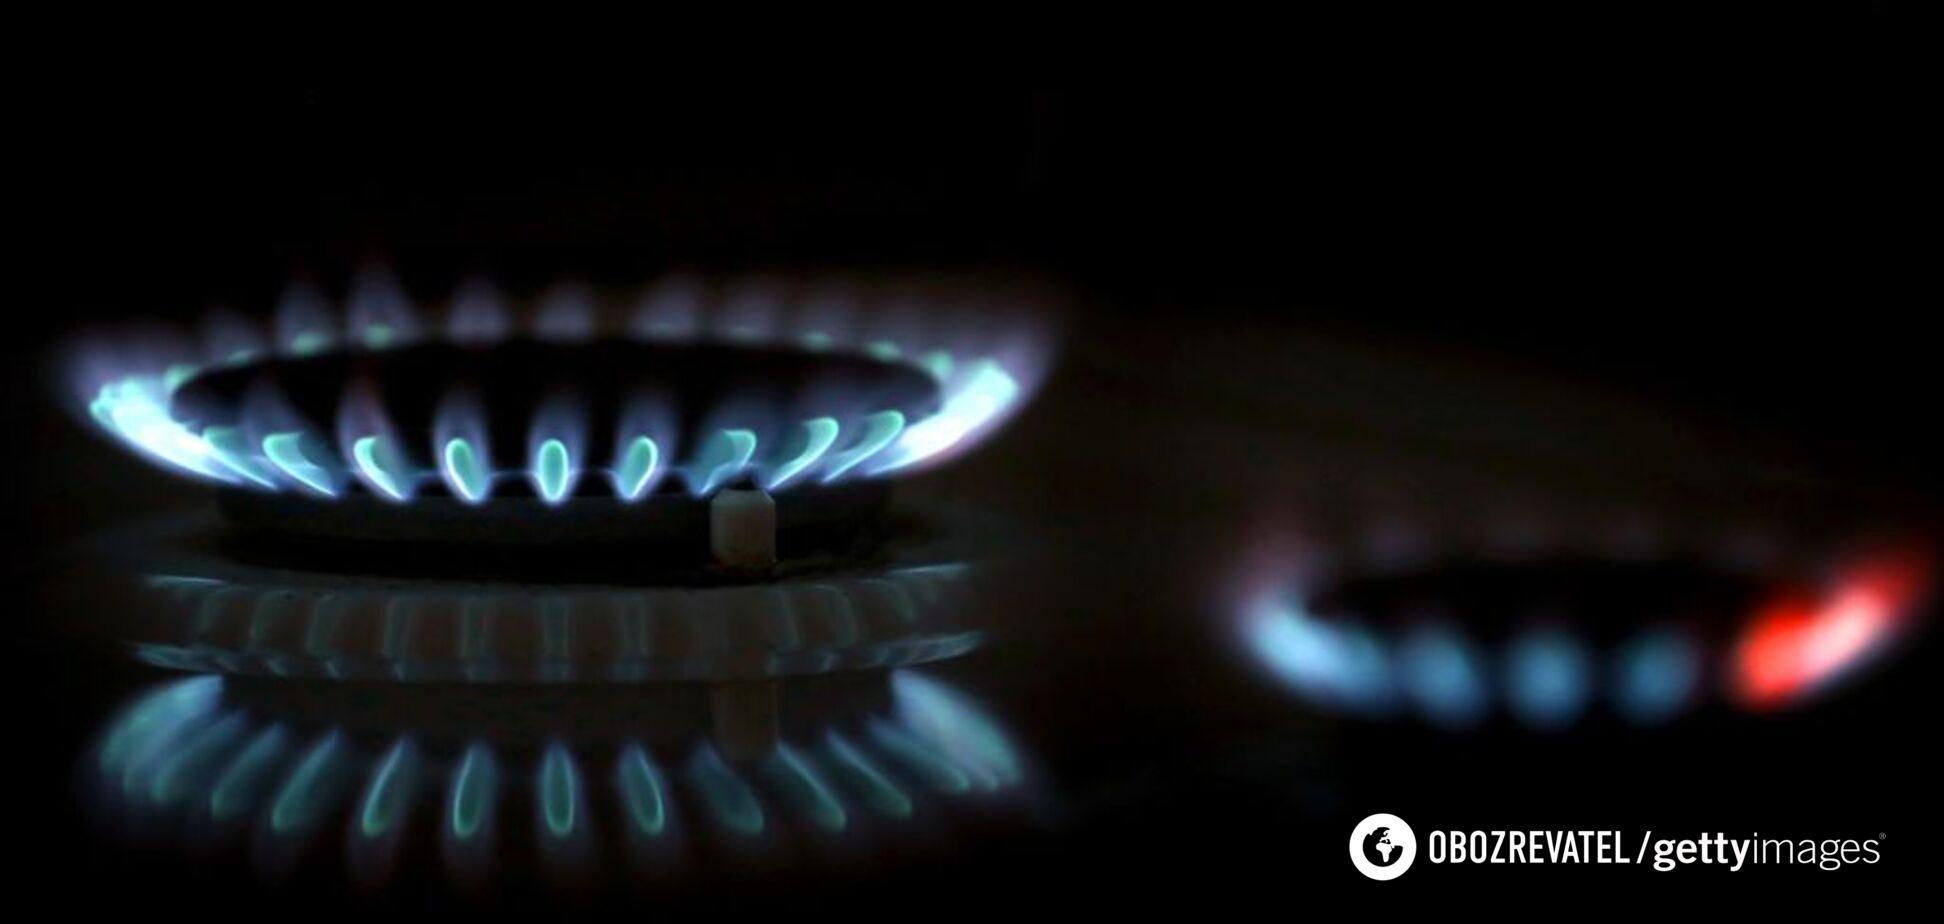 Украинский газовый рынок: как добиться прозрачности